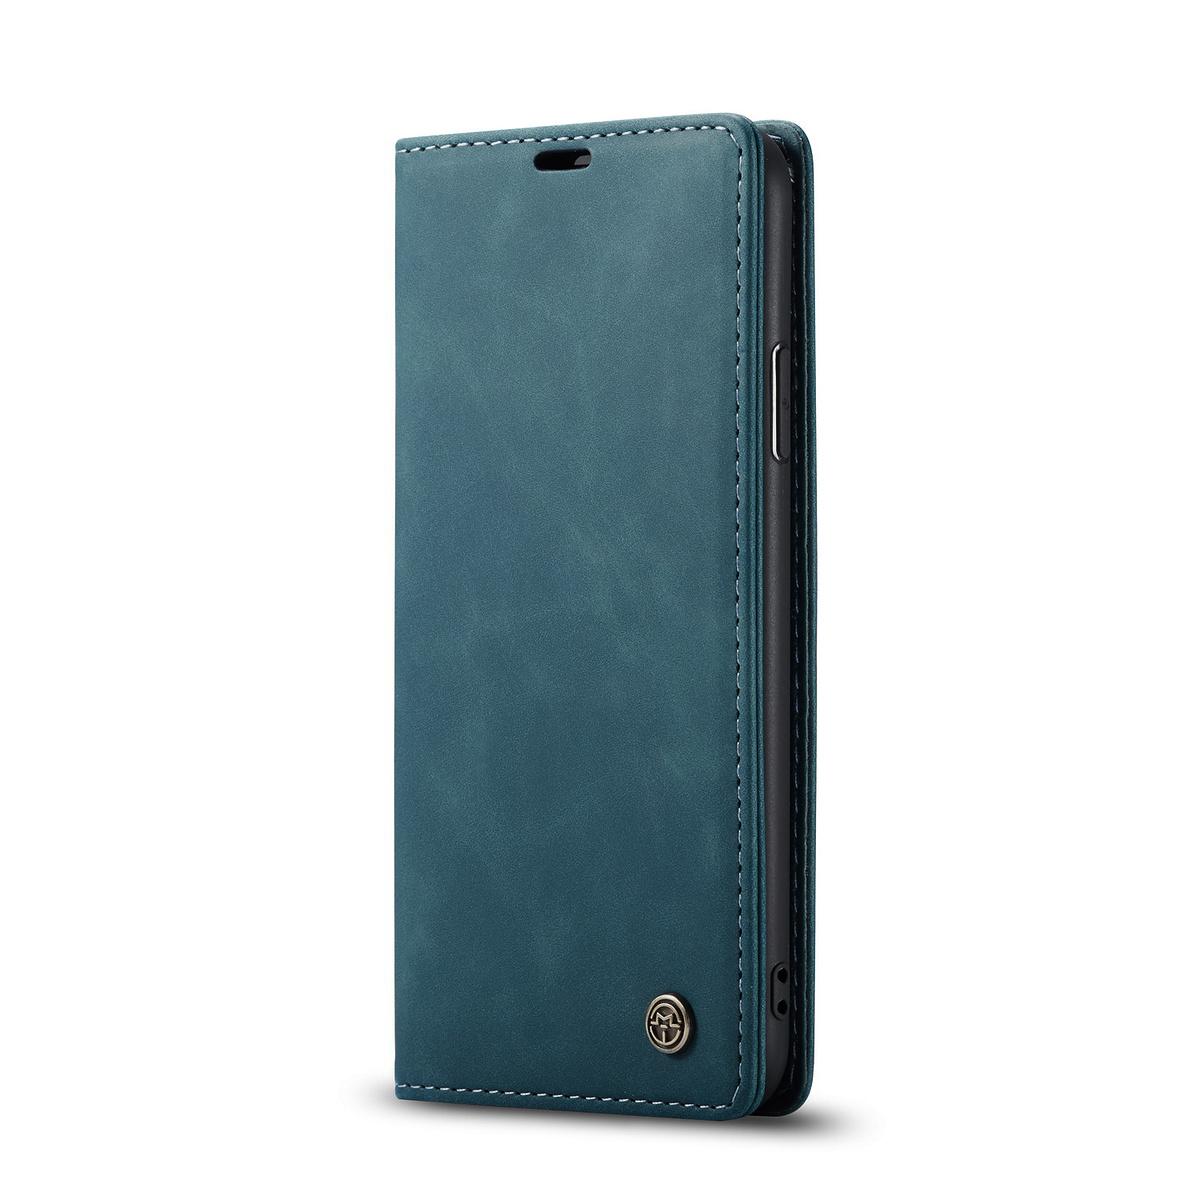 CaseMe plånboksfodral, iPhone 11 Pro Max, blå